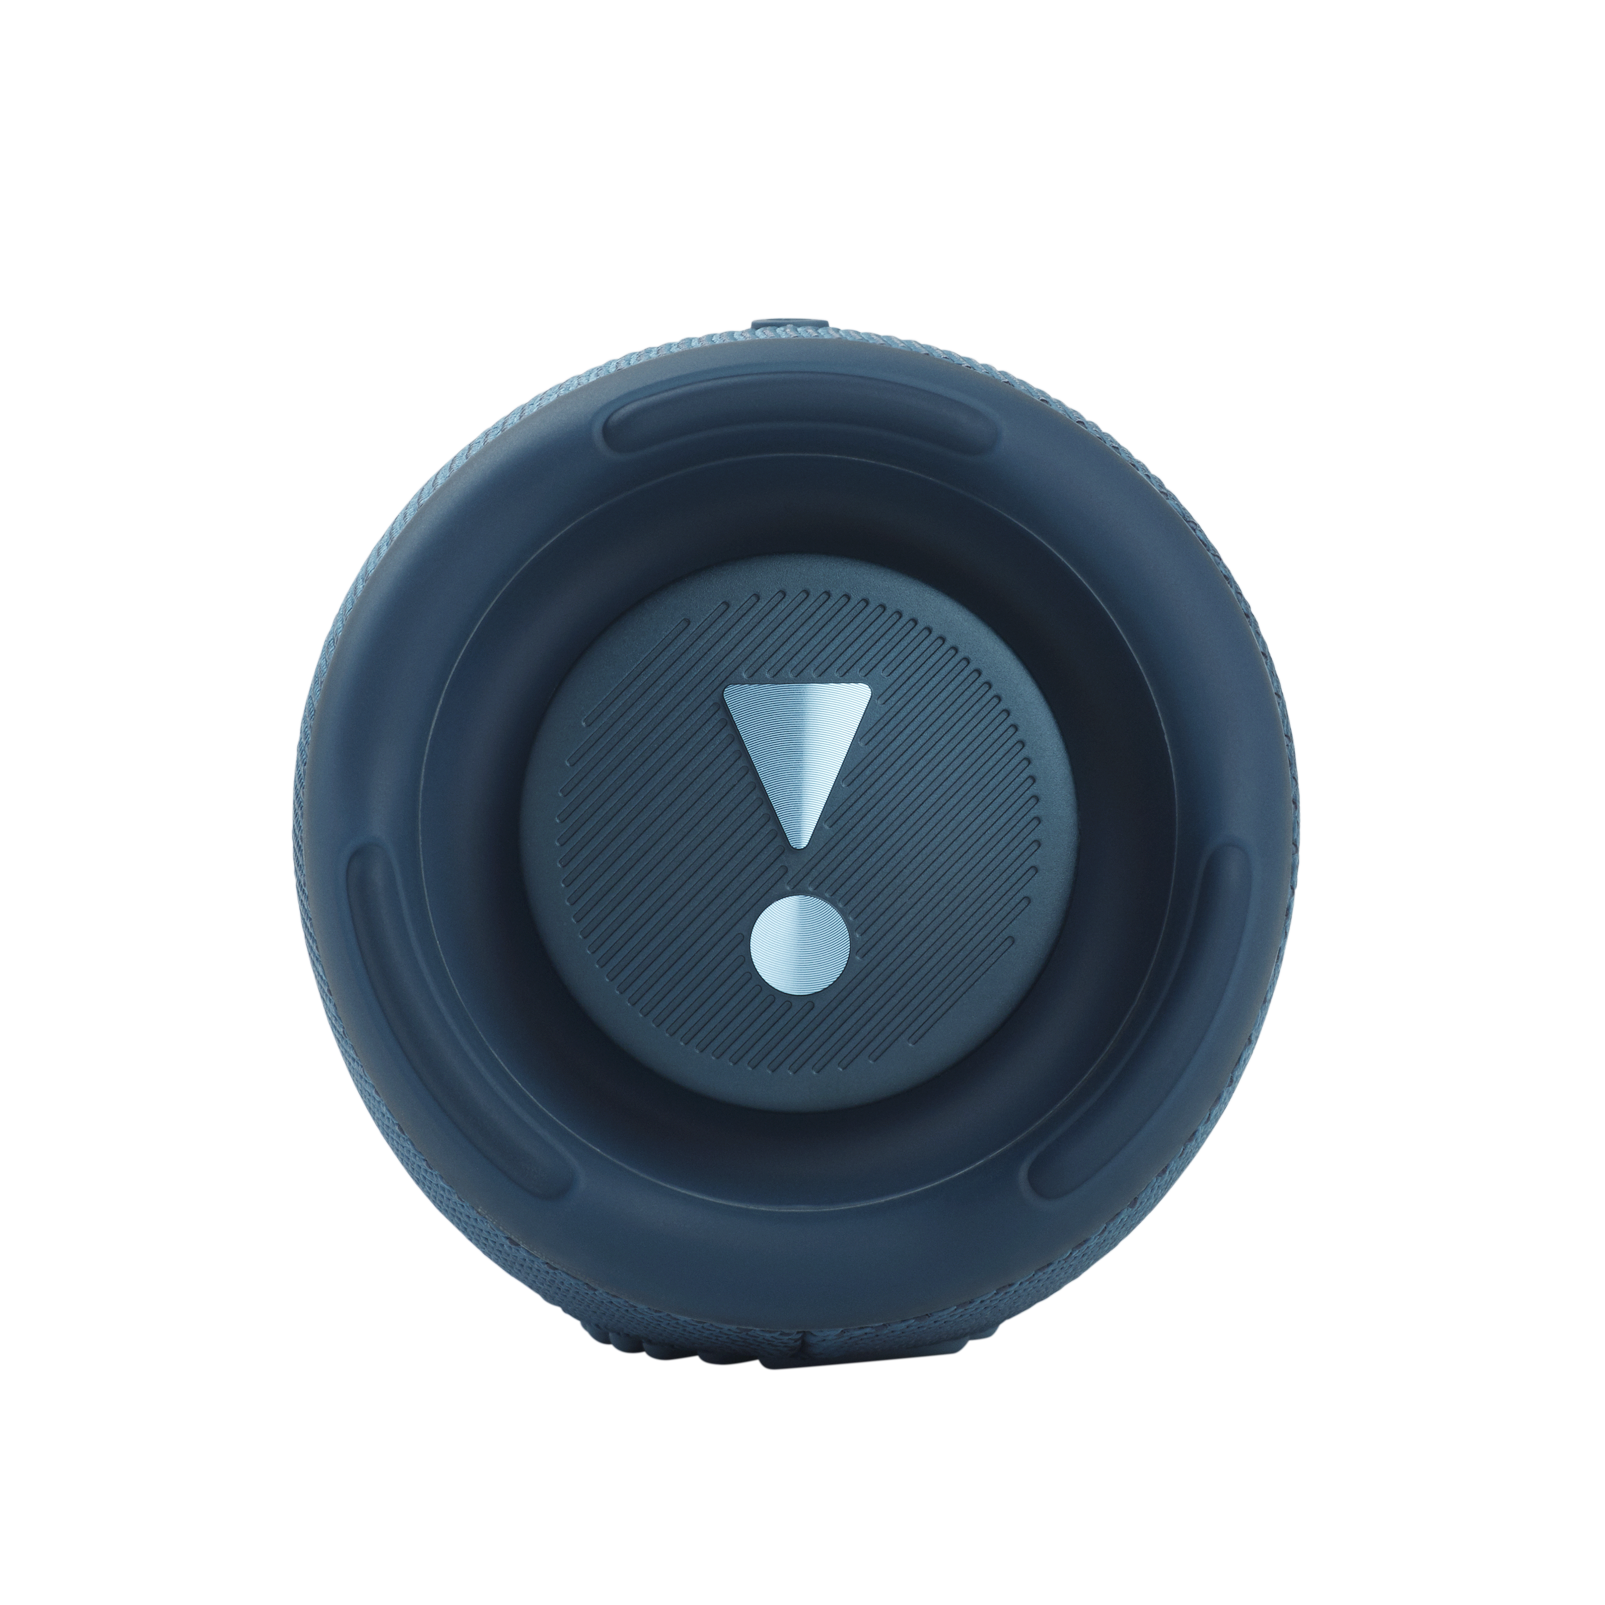 JBL CHARGE 5 - Blue - Portable Waterproof Speaker with Powerbank - Left